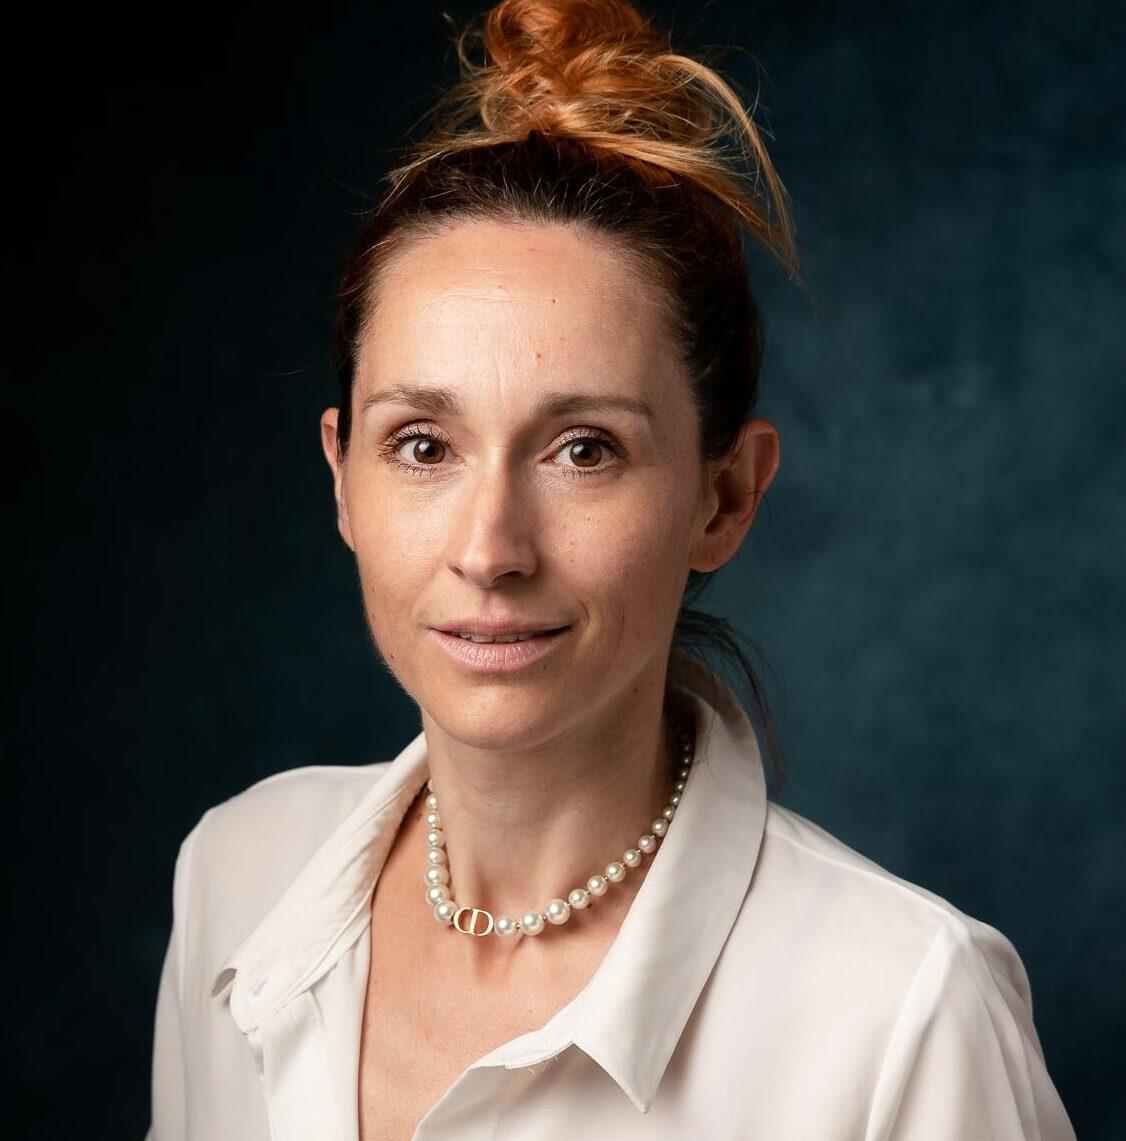 Daniela Burda-Swakowski